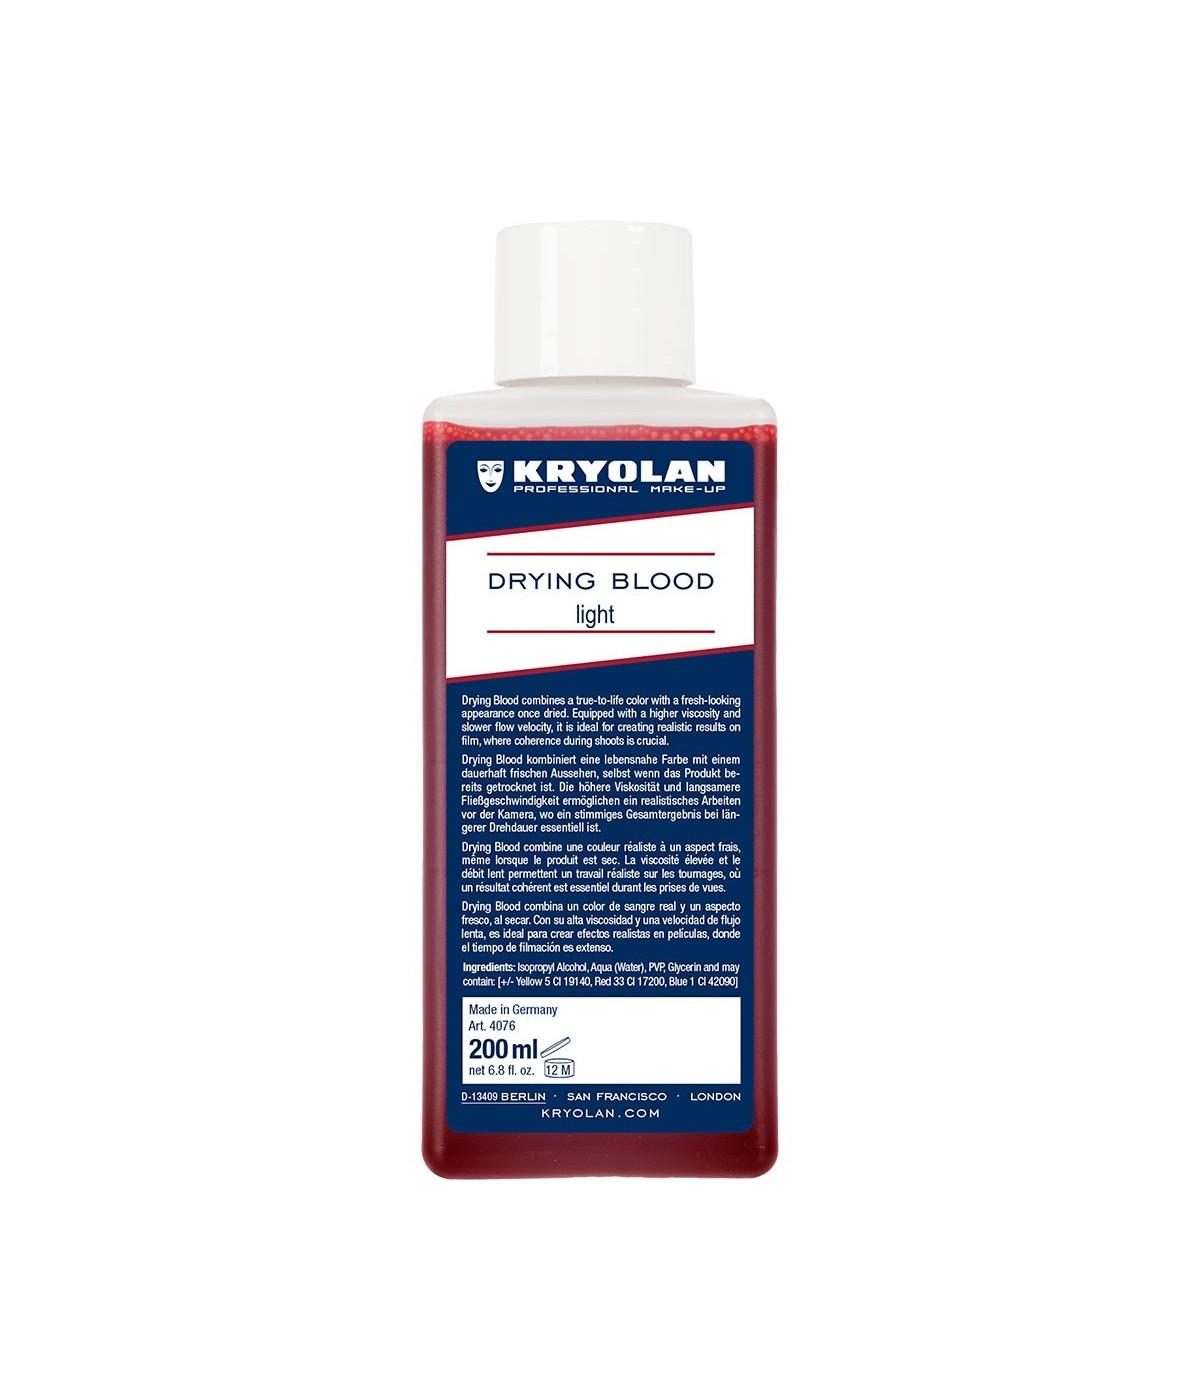 Kryolan Drying Blood, 200 ml Light